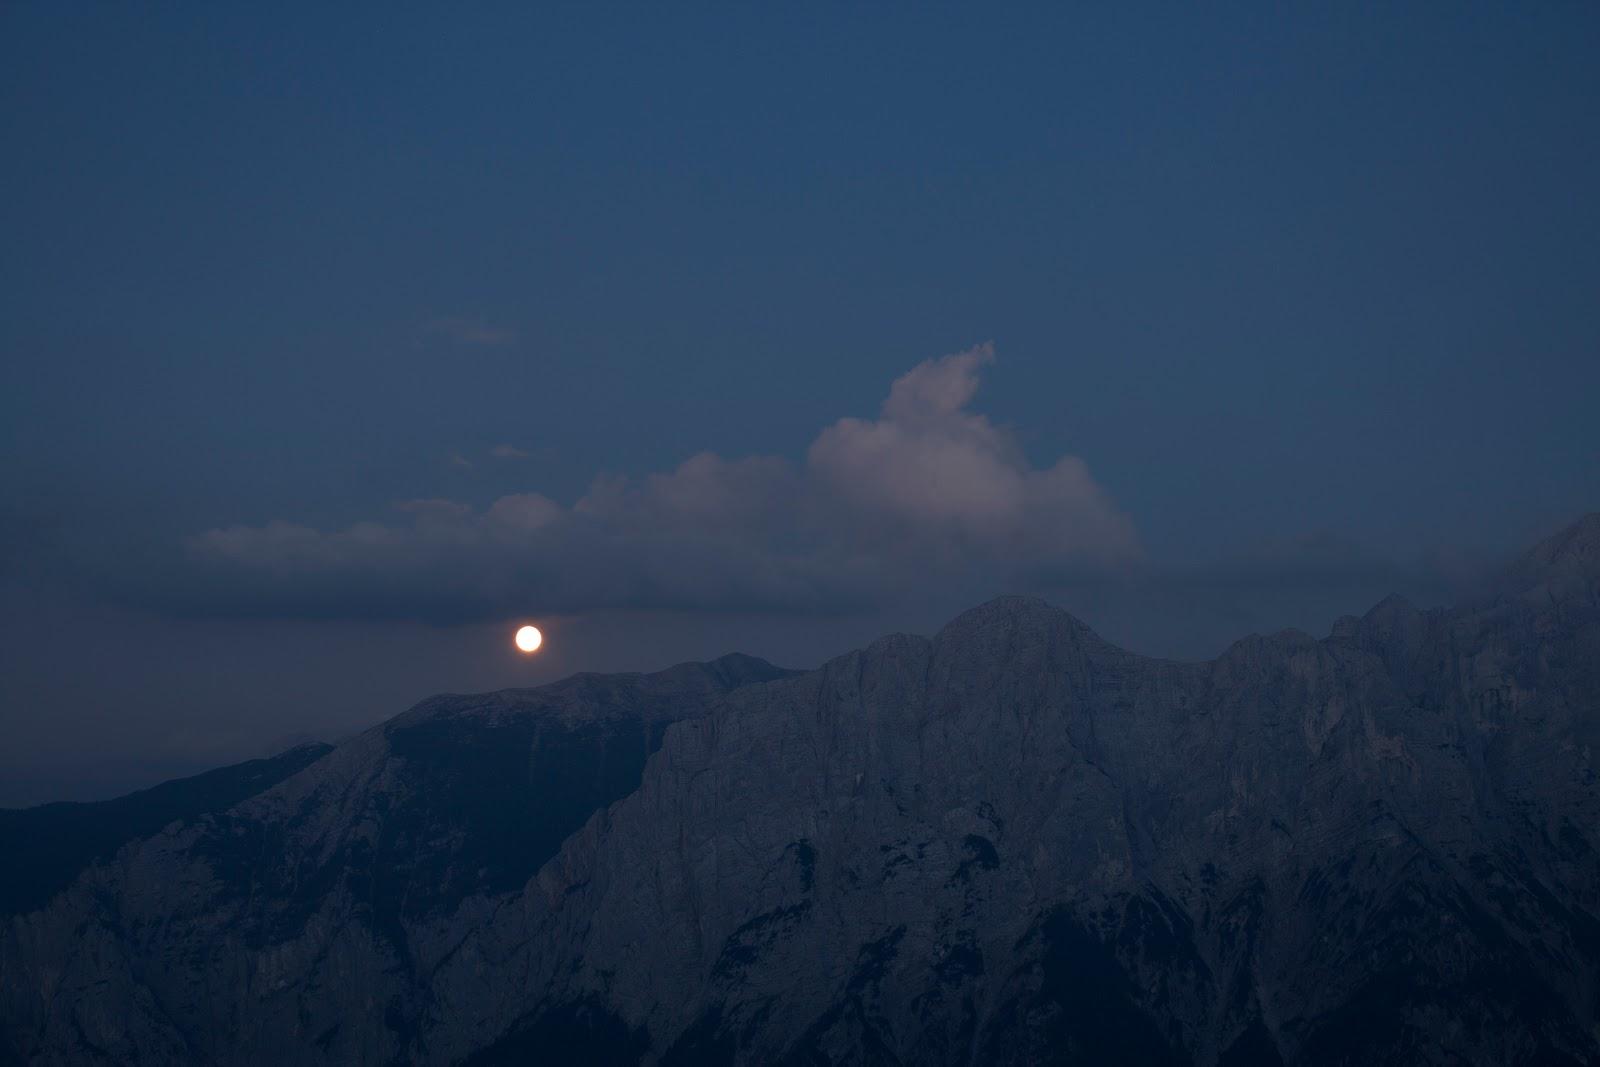 Zweitätige Wanderung im Gesäuse von Gsatterboden zum Buchsteinhaus und weiter über den Südwandband Klettersteig auf den Großen Buchstein - Mondaufgang